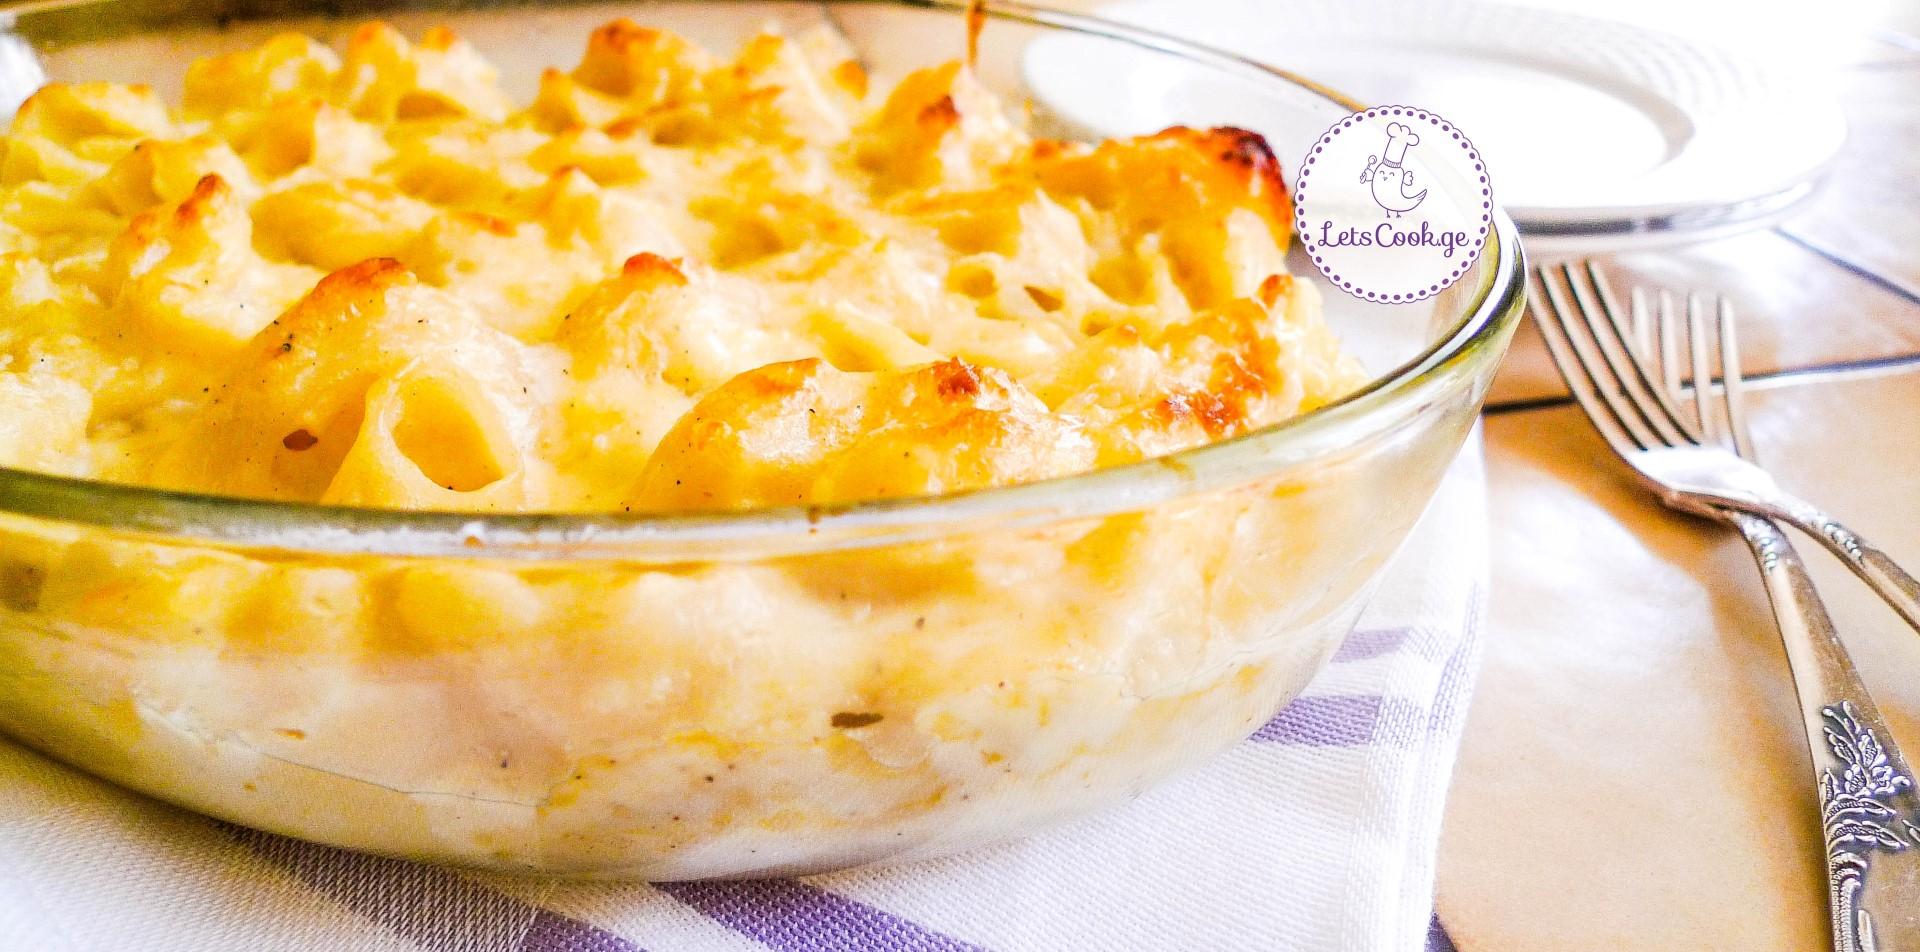 ყველის სოუსში გამომცხვარი მაკარონი